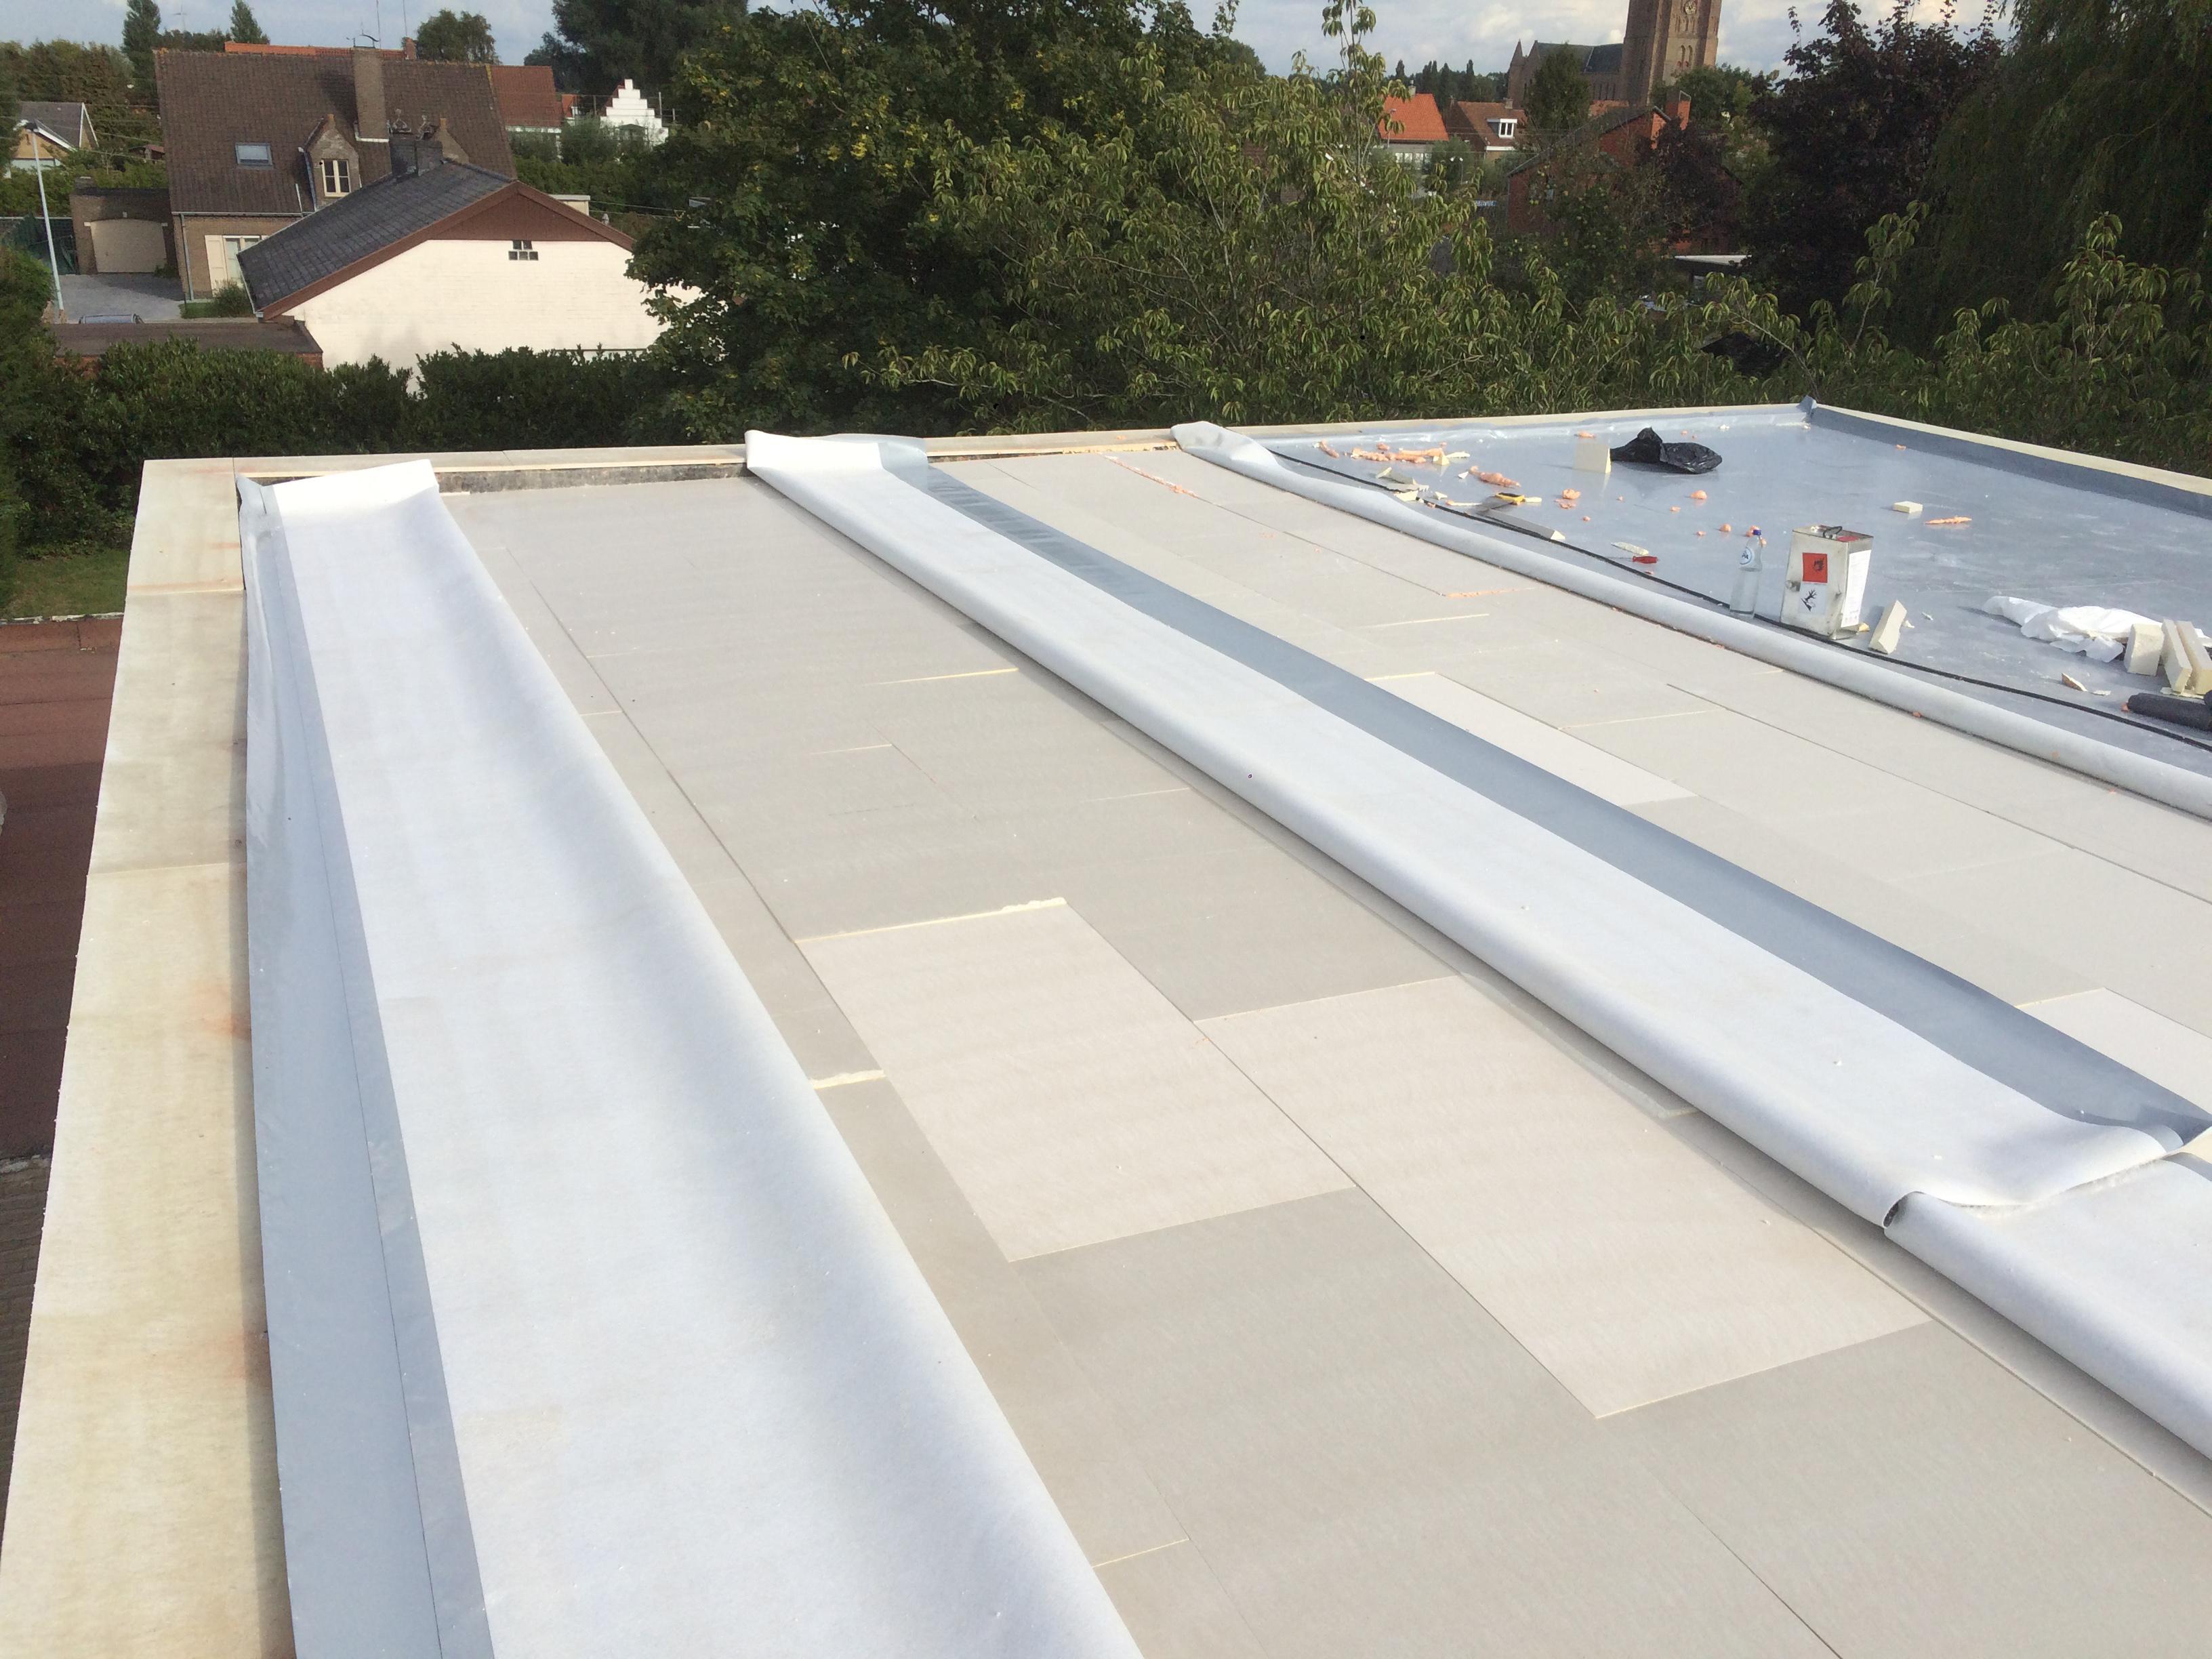 evalastic-epdm-16cm-pir-insulation-15